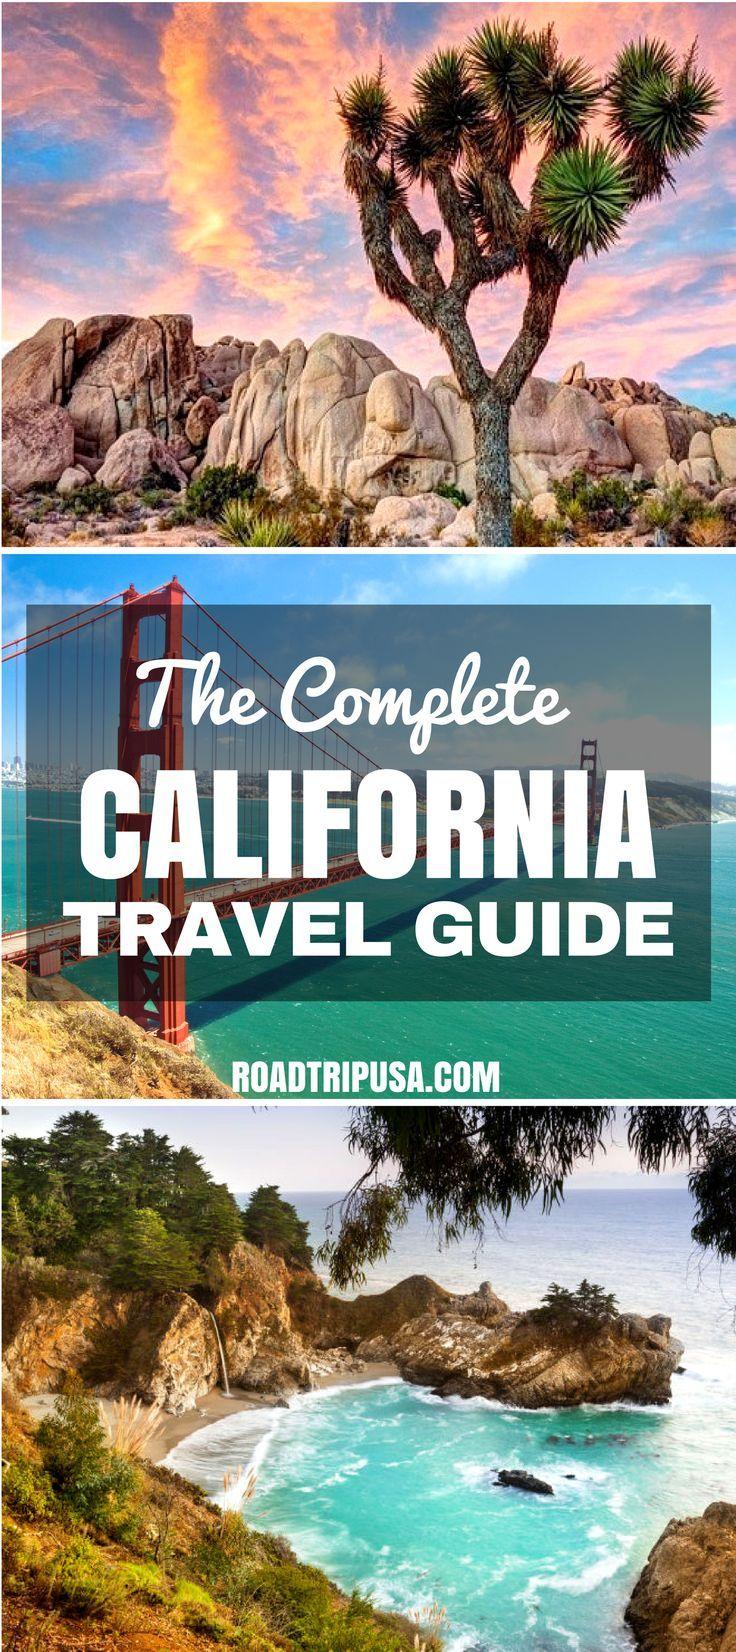 Medi-Cal: Provider Home Page